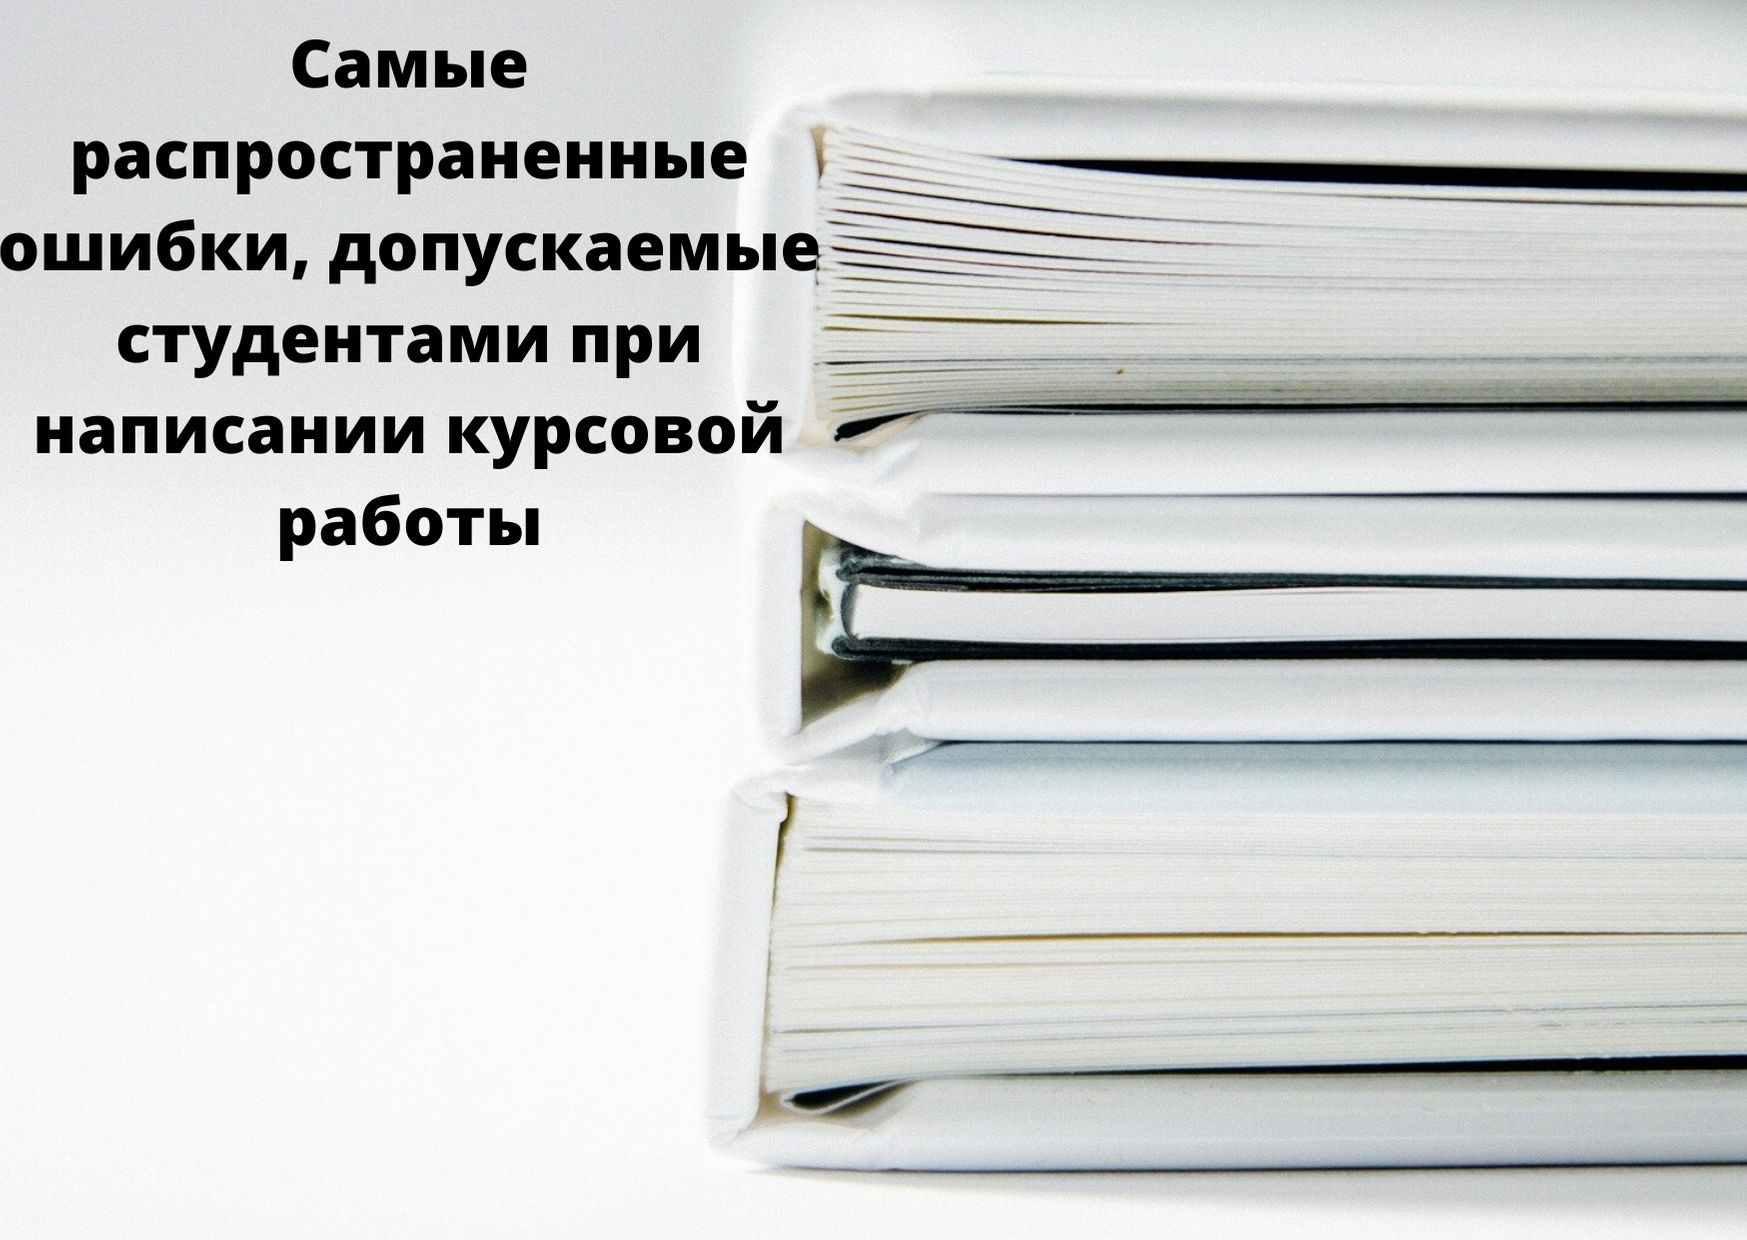 Самые распространенные ошибки, допускаемые студентами при написании курсовой работы